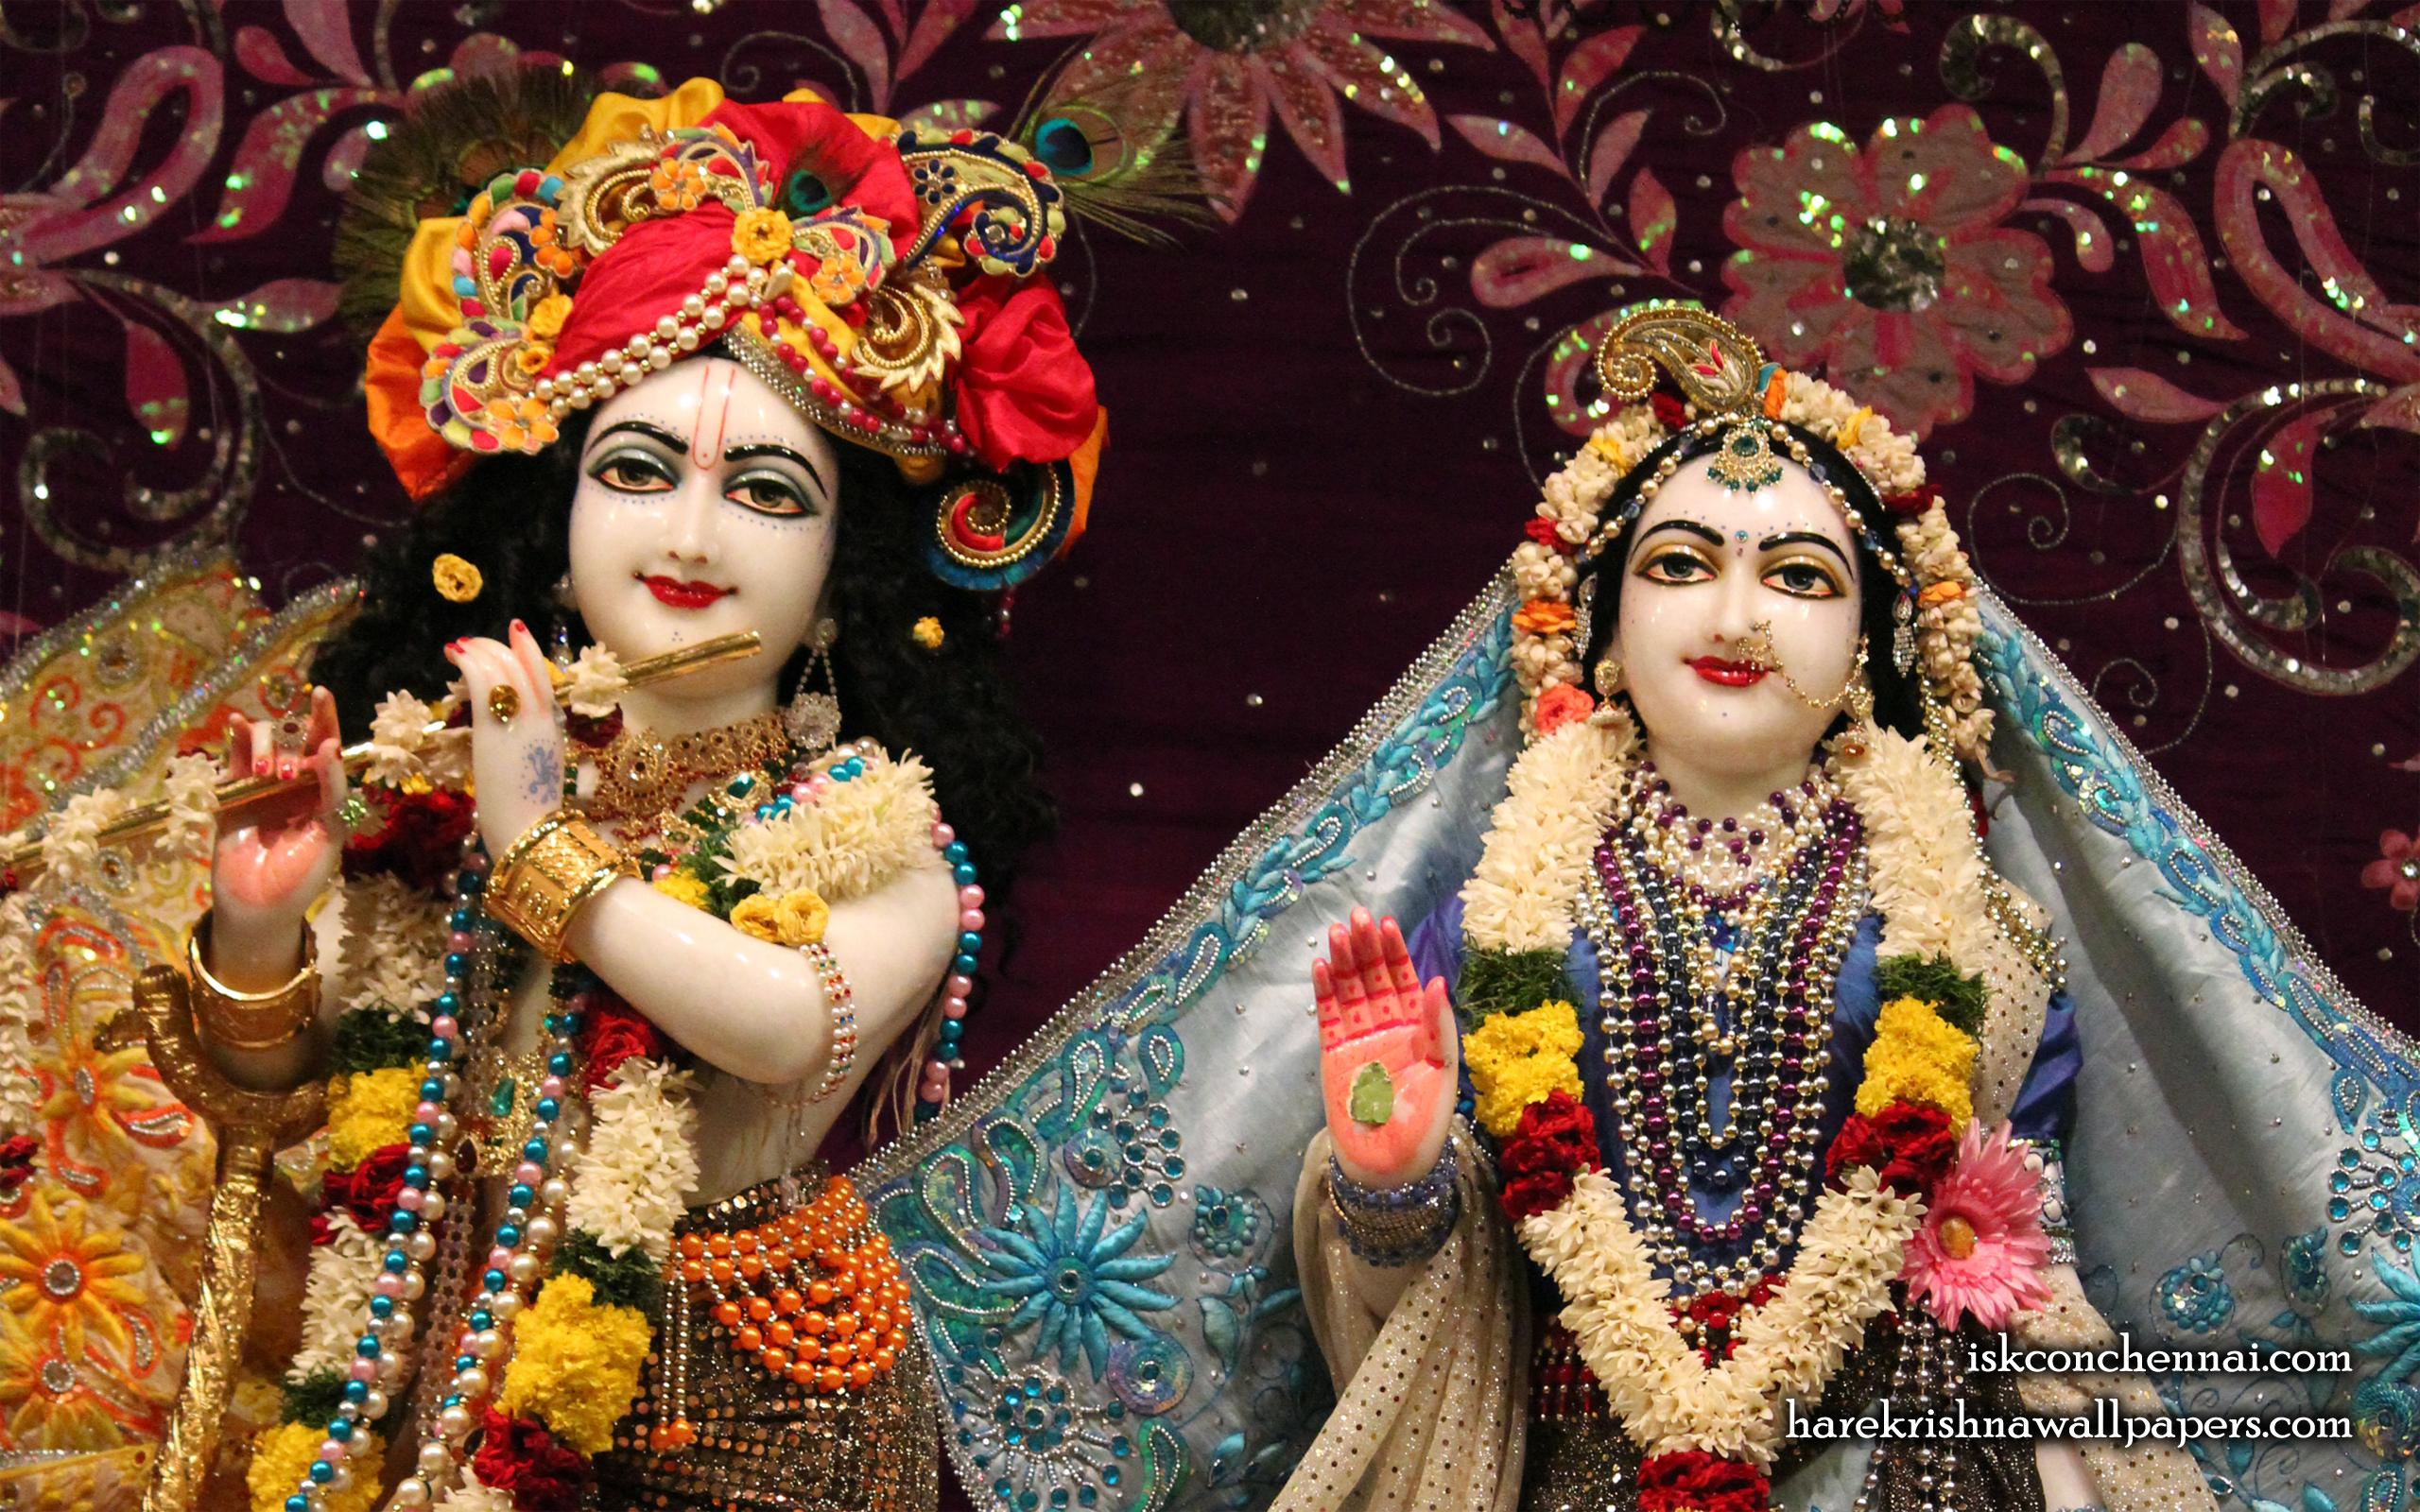 Sri Sri Radha Krishna Close up Wallpaper (012) Size 2560x1600 Download